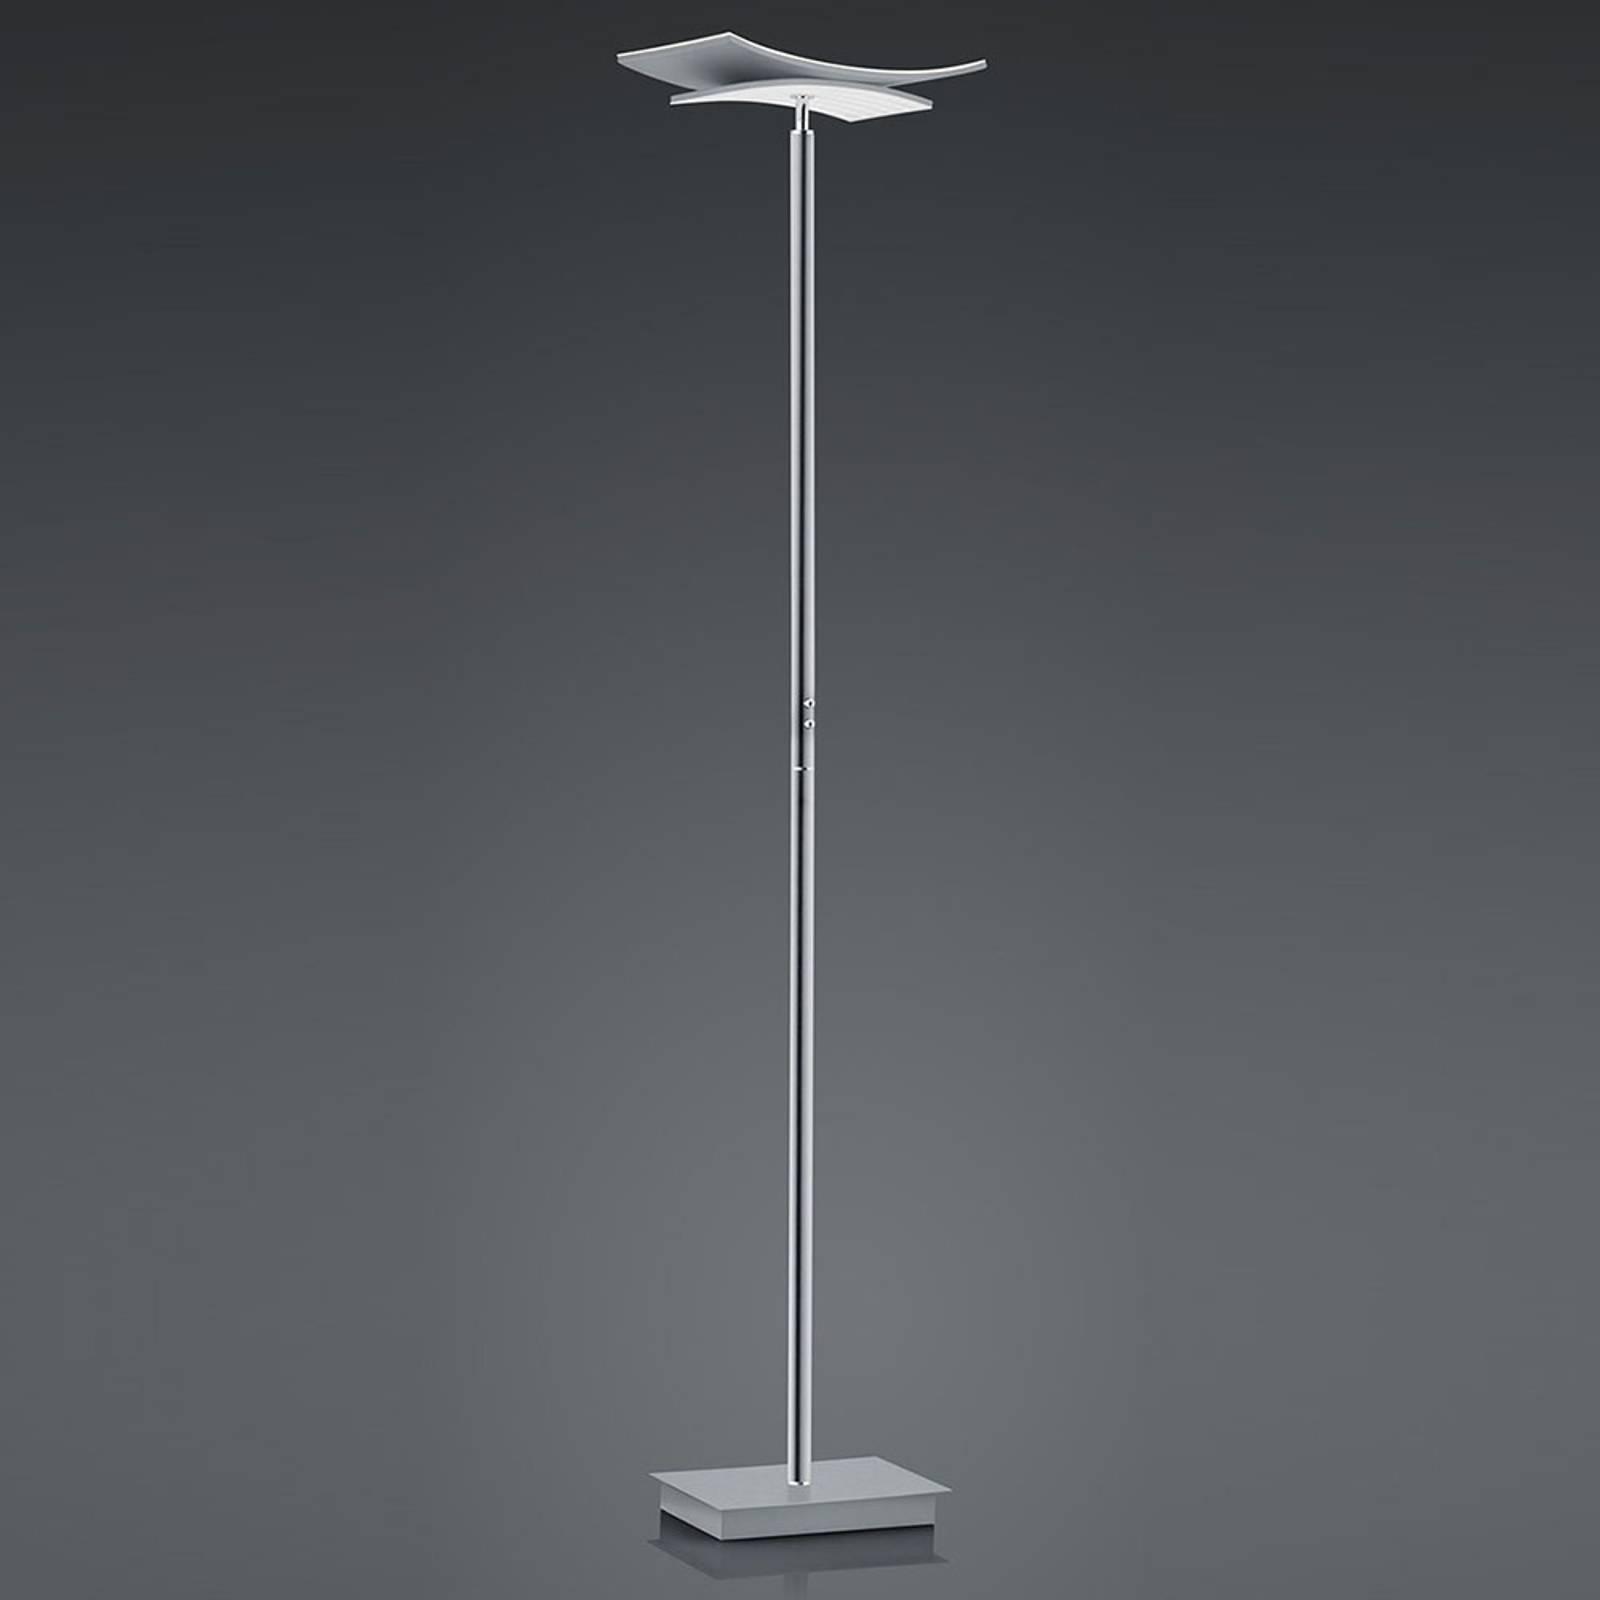 B-Leuchten Liberty LED-Stehleuchte, nickel matt